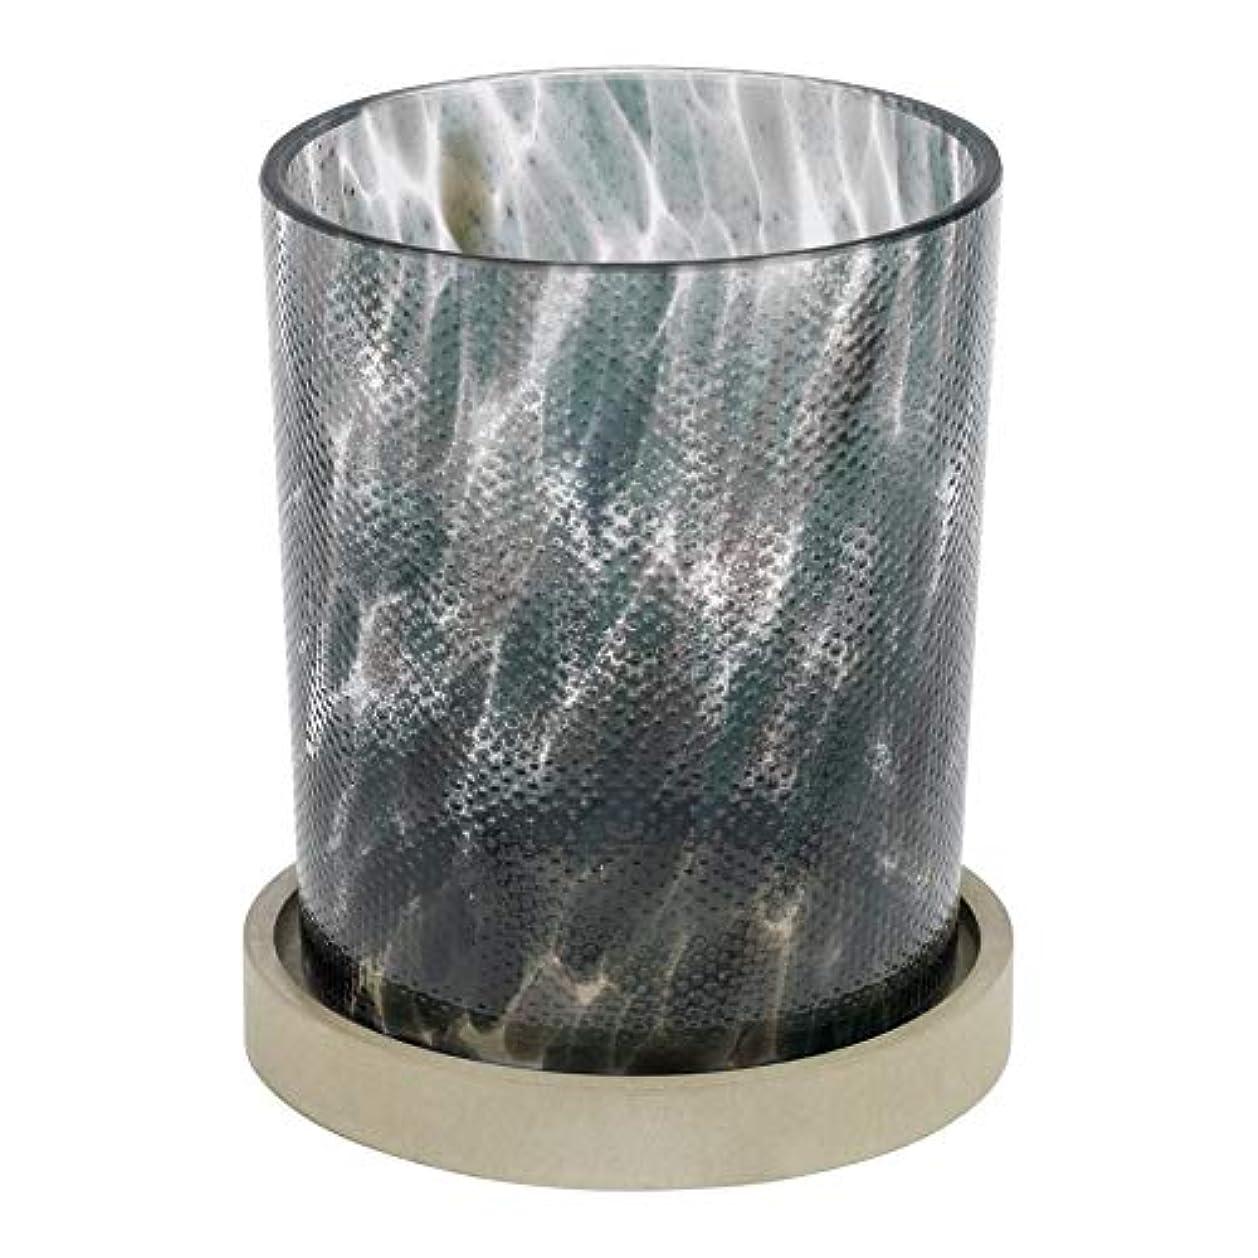 忘れっぽいギネス陽気な[Diptyque] Diptyque黒ラBazareデュTrente-キャトルキャンドルホルダー - Diptyque Black La Bazare du Trente-Quatre Candle Holder [並行輸入品]